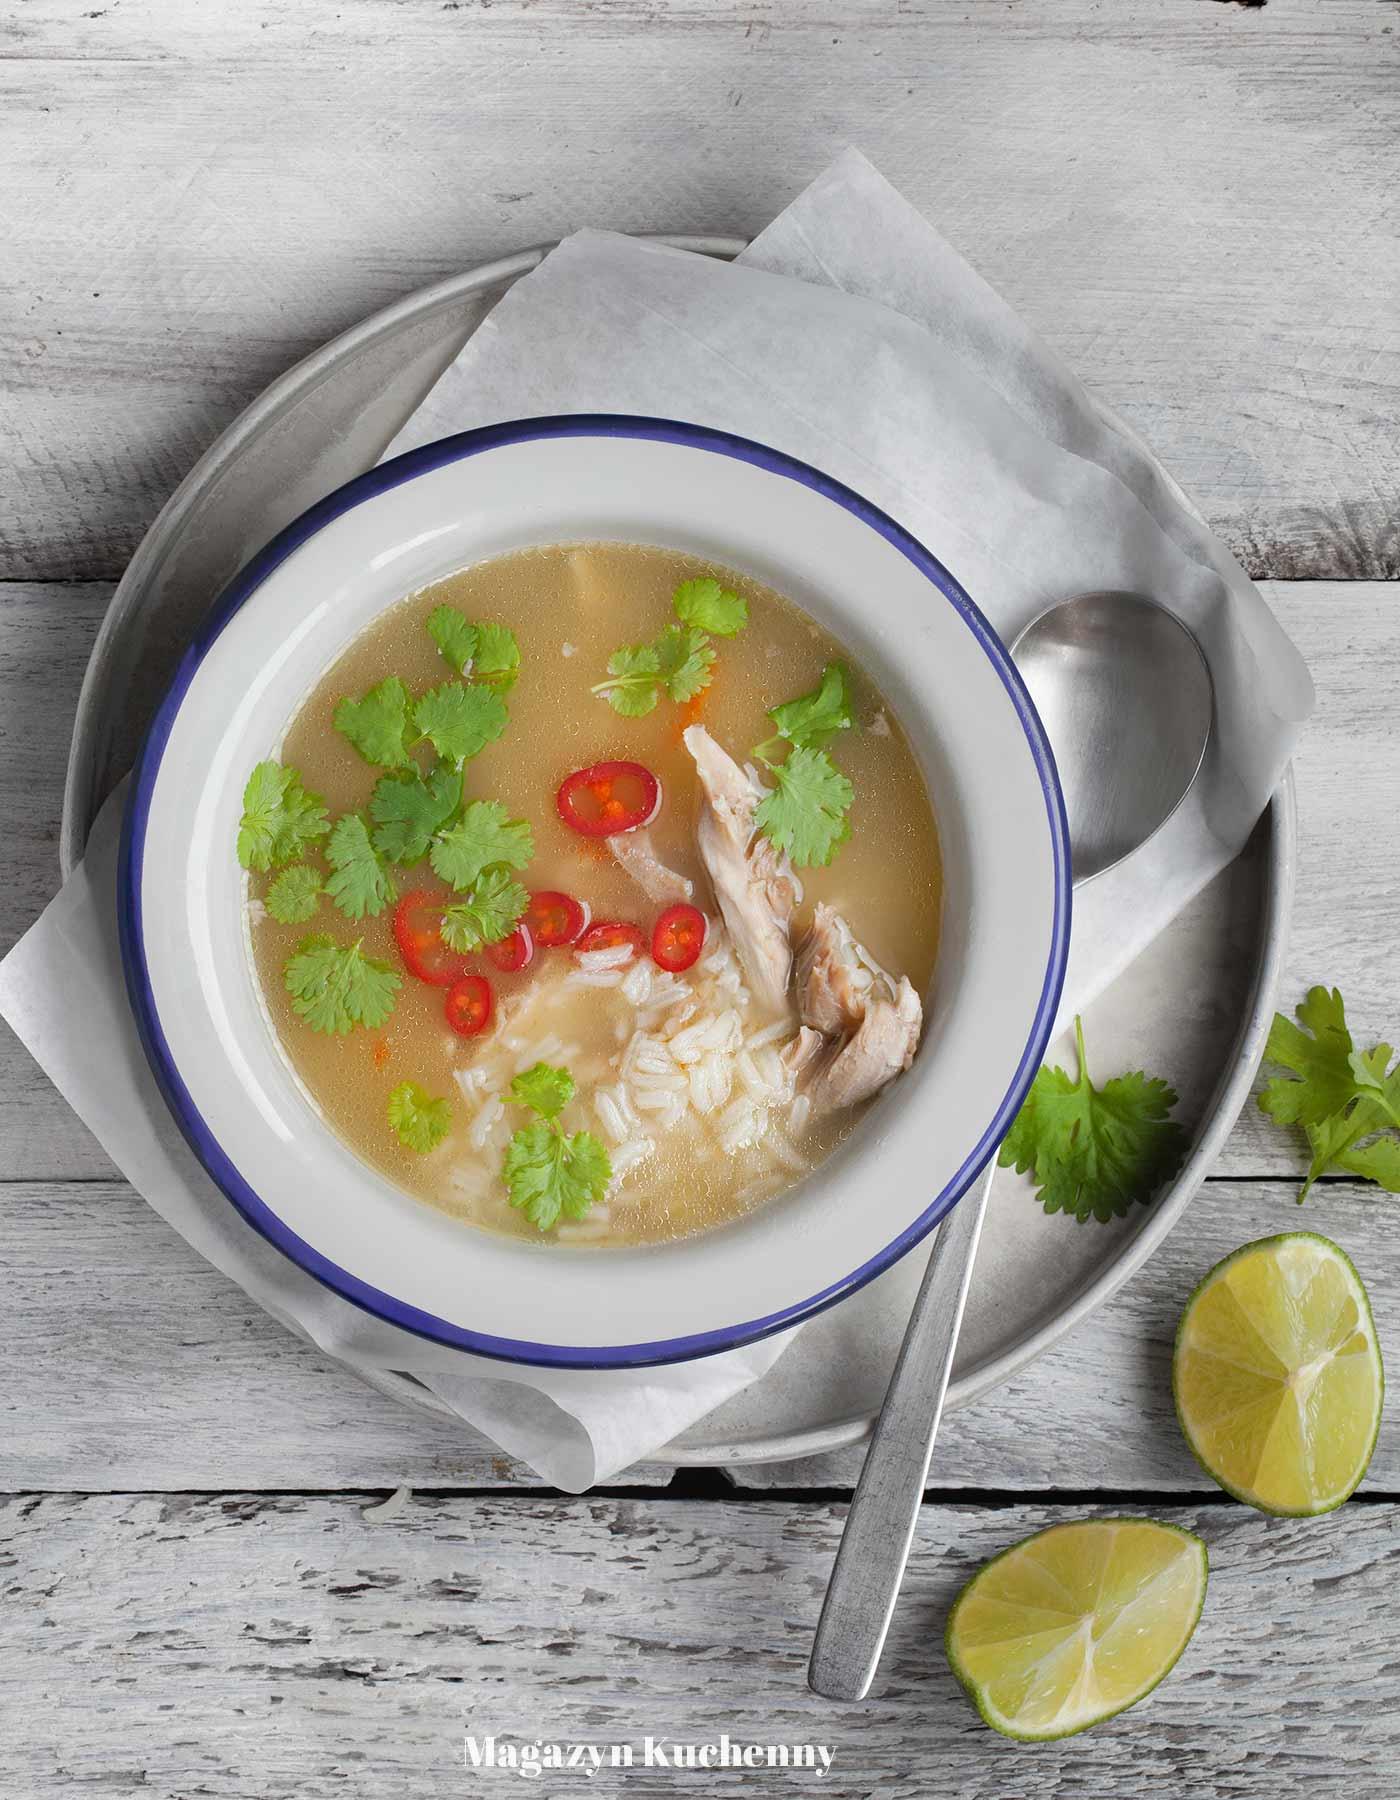 Zupa z kurczaka z trawą cytrynową, imbirem i chili